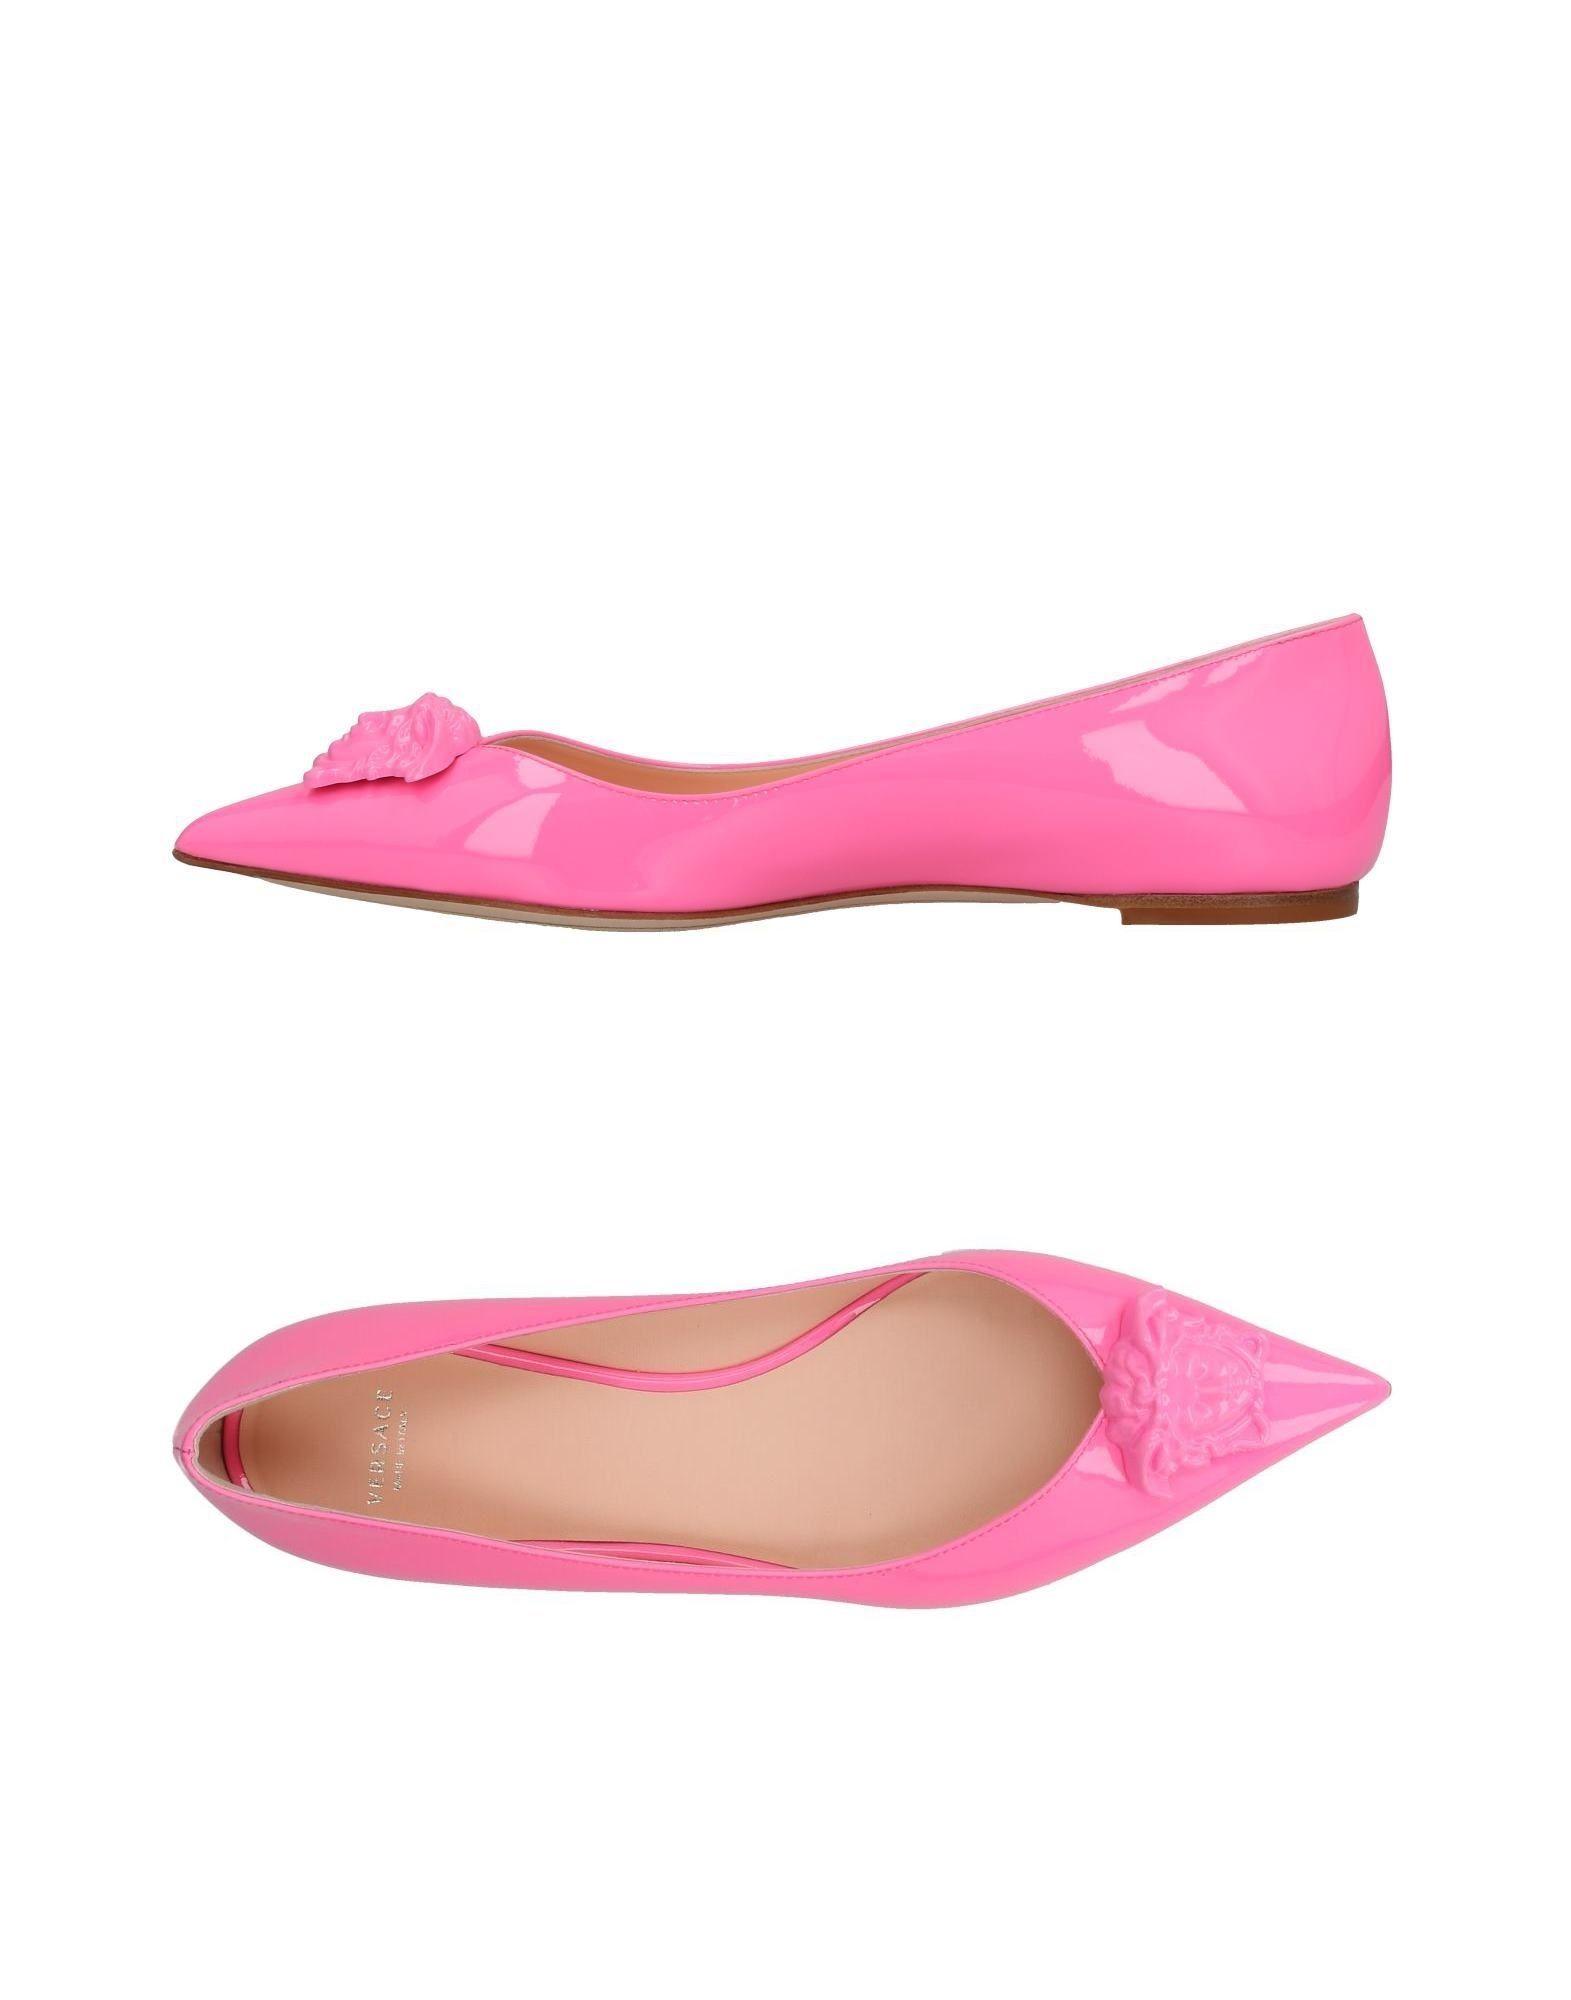 Versace Ballerinas Damen  11460557JUGünstige Schuhe gut aussehende Schuhe 11460557JUGünstige 979f11